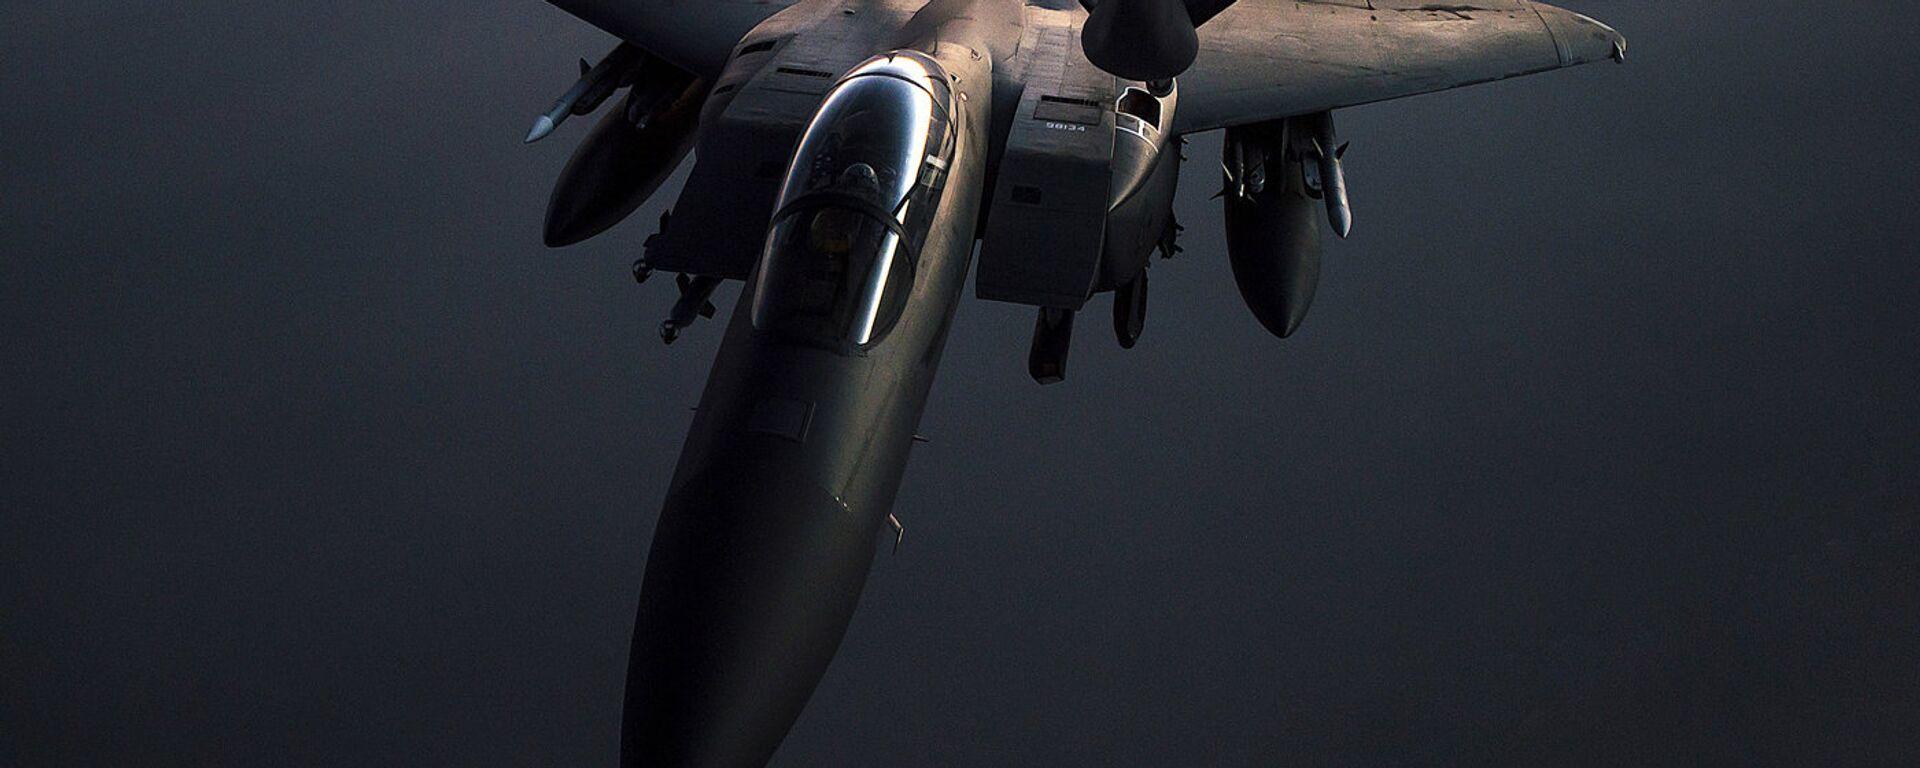 Самолет F-15E Strike Eagle во время воздушной дозаправки в Сирии - Sputnik Latvija, 1920, 23.04.2021